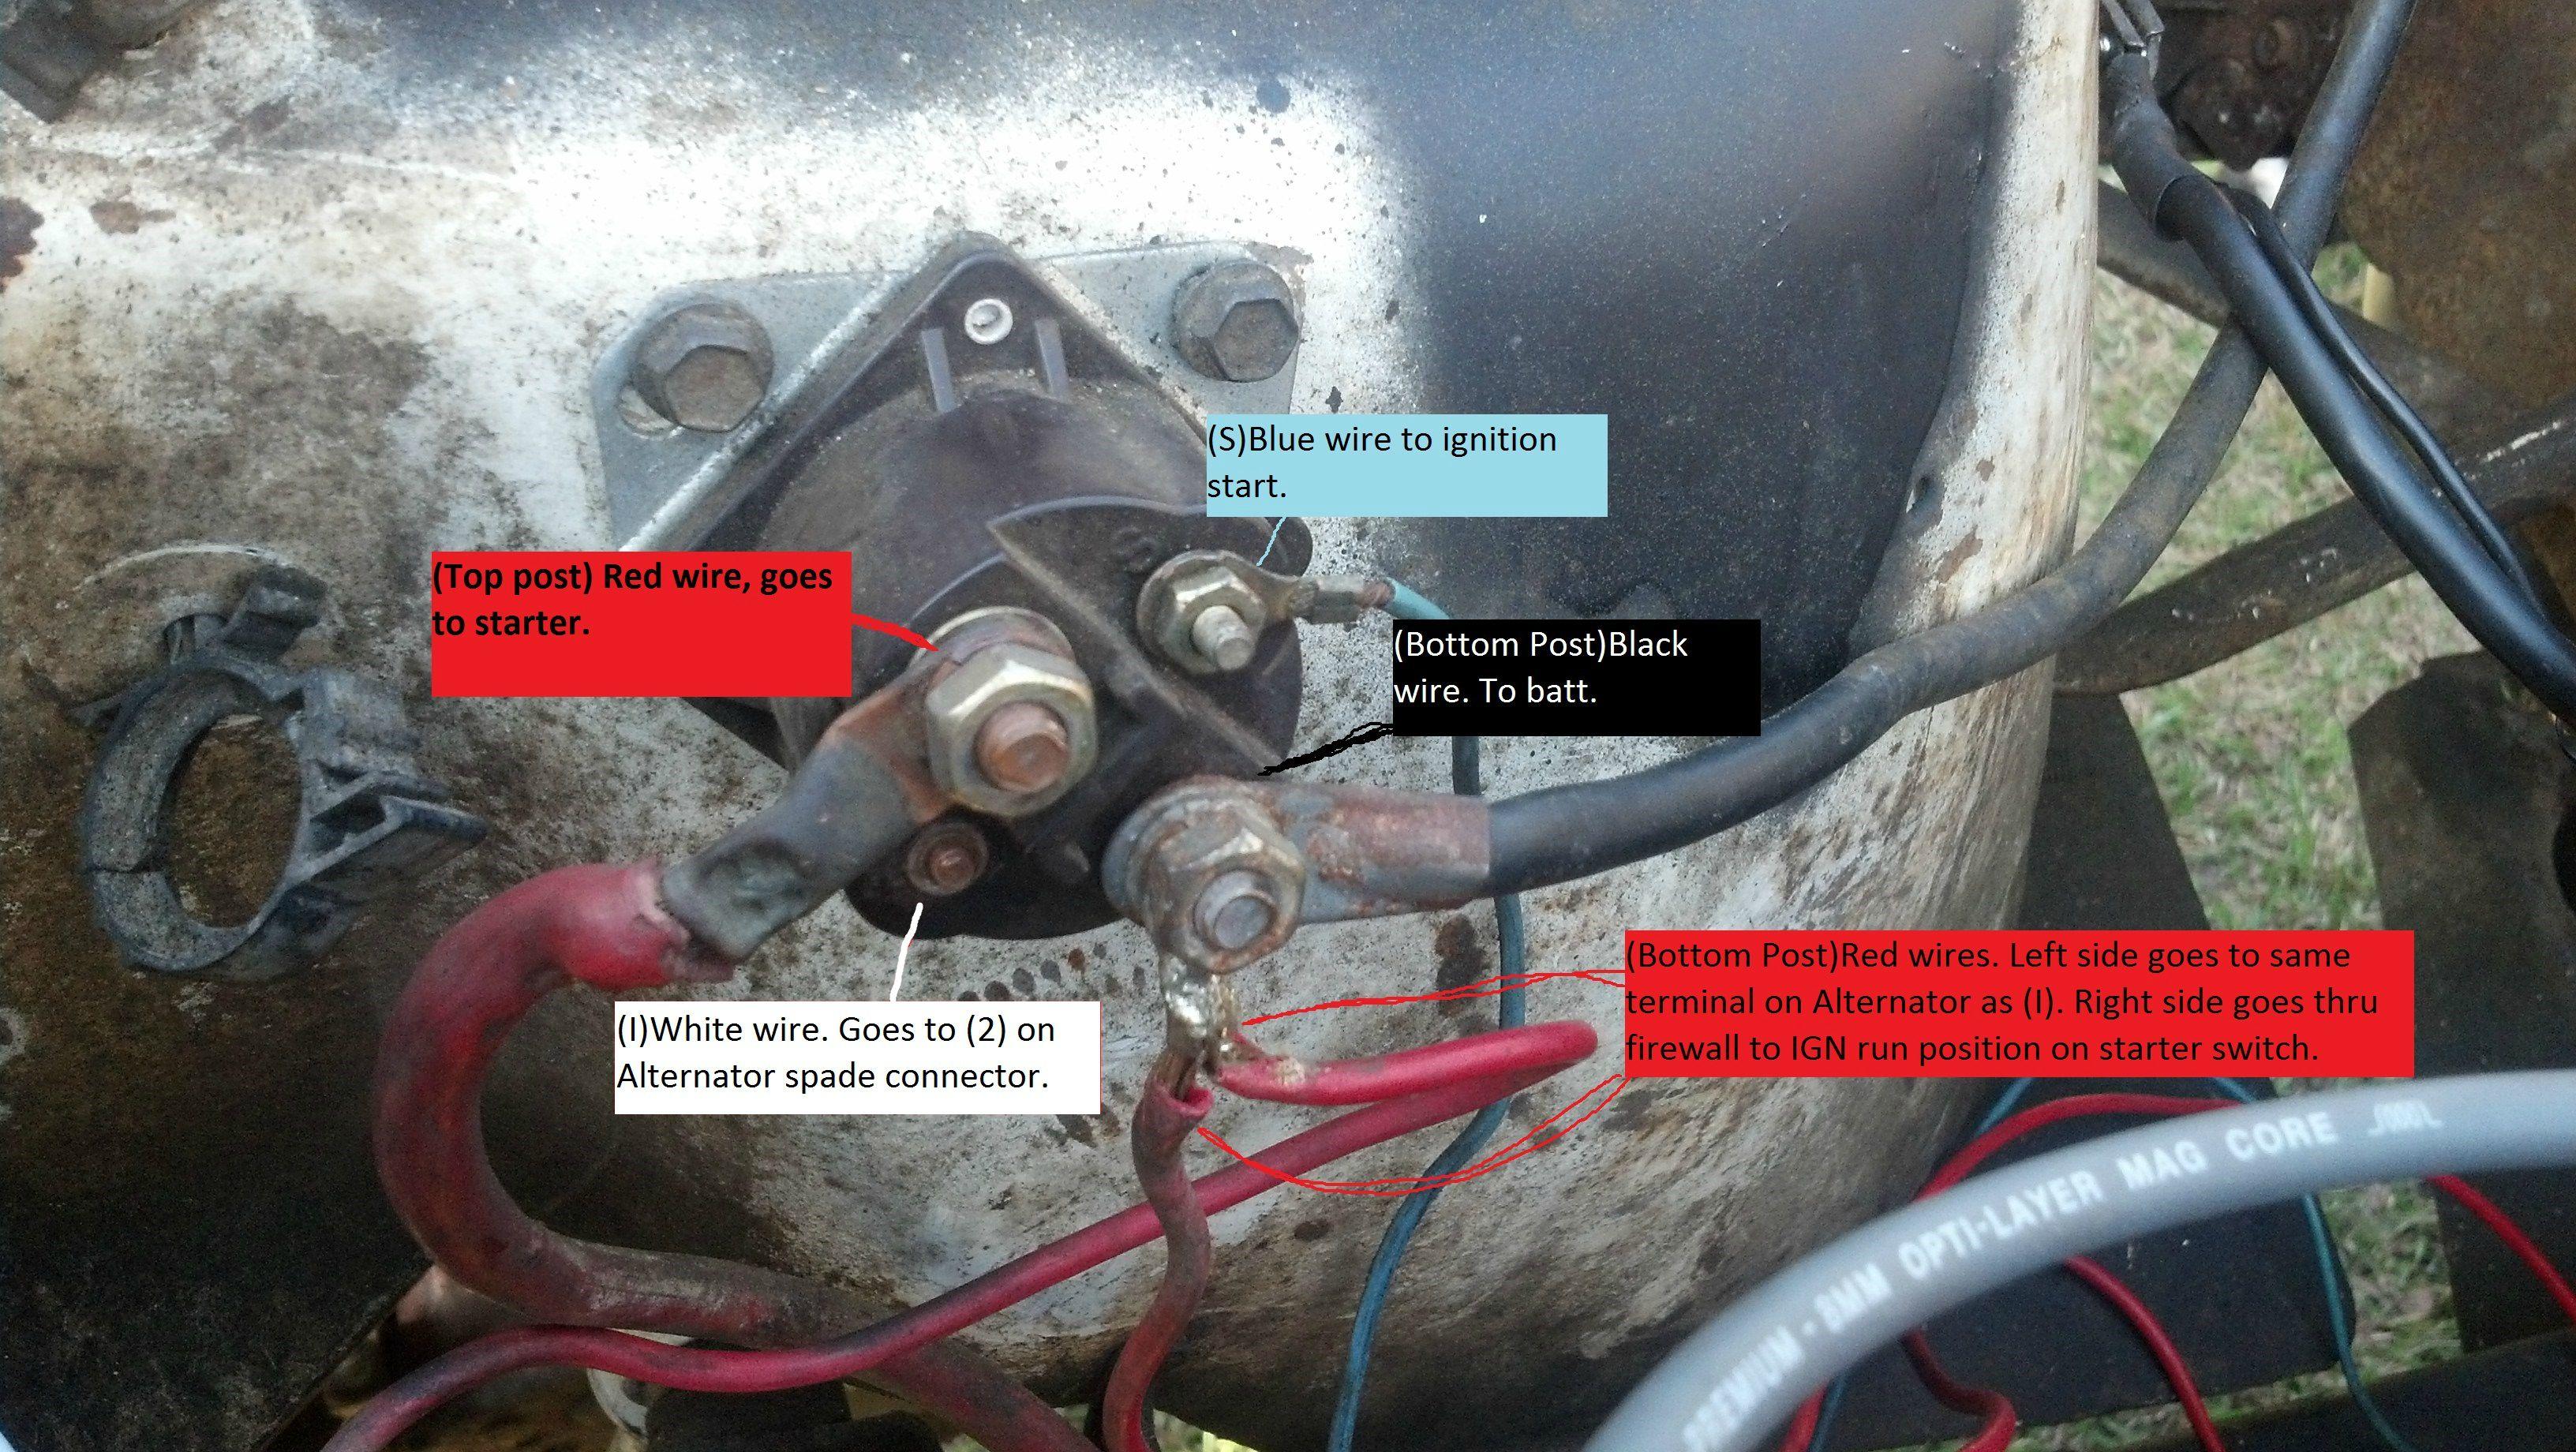 75 cj5 ignition switch wiring diagram jeep cj5 ignition switch wiring diagram e27 wiring diagram  jeep cj5 ignition switch wiring diagram